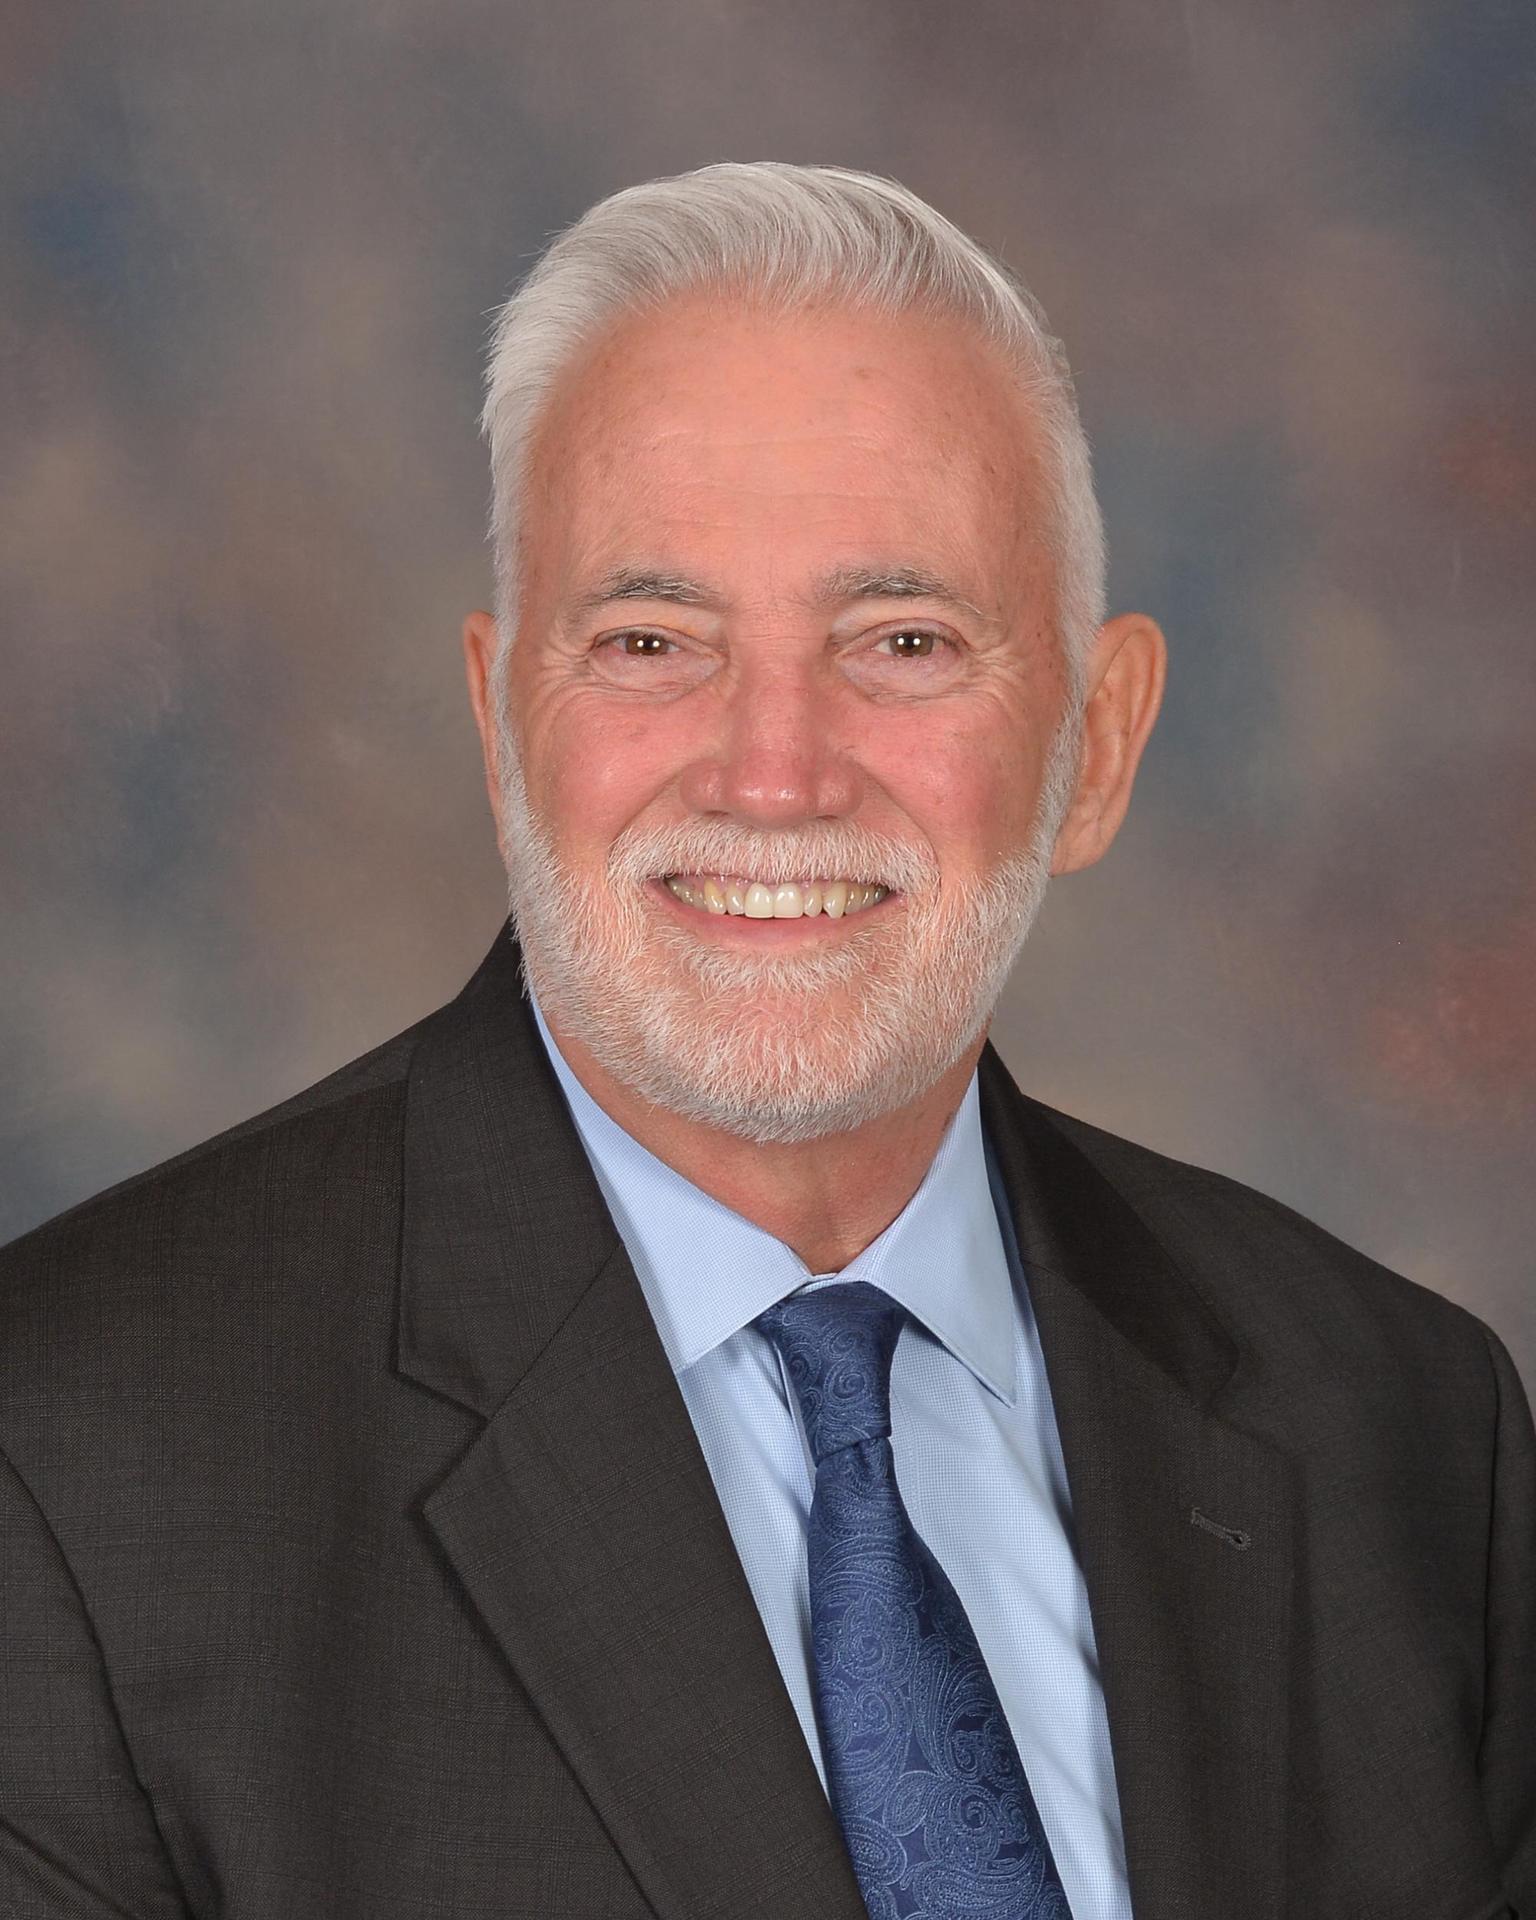 Leonard Brannon